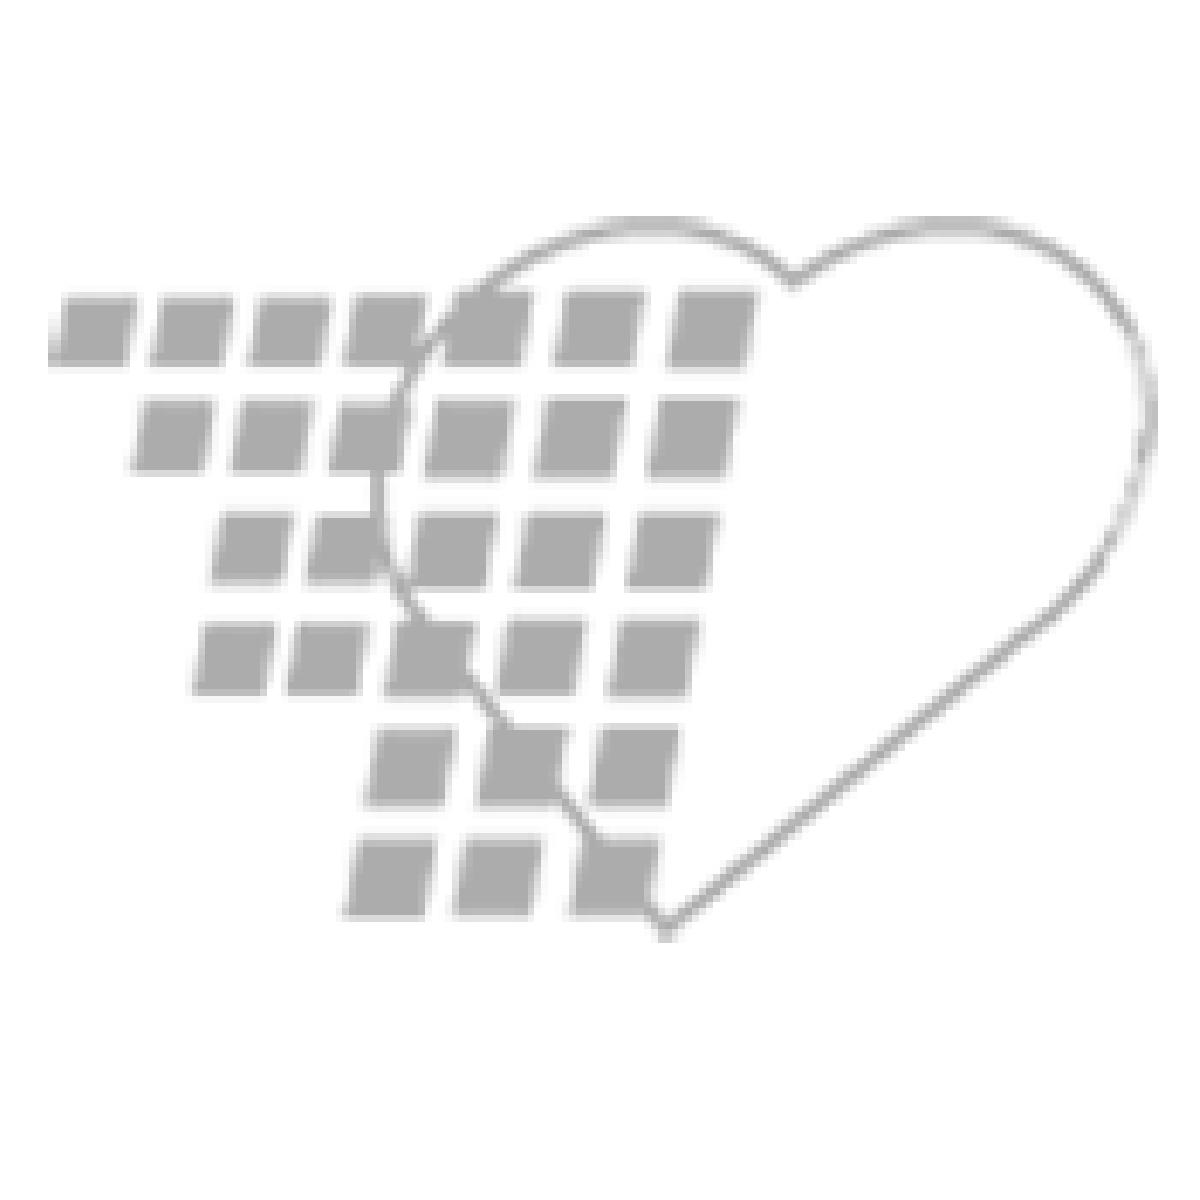 11-81-0007-BGE - SimLeggings® Extenders Pair - Beige